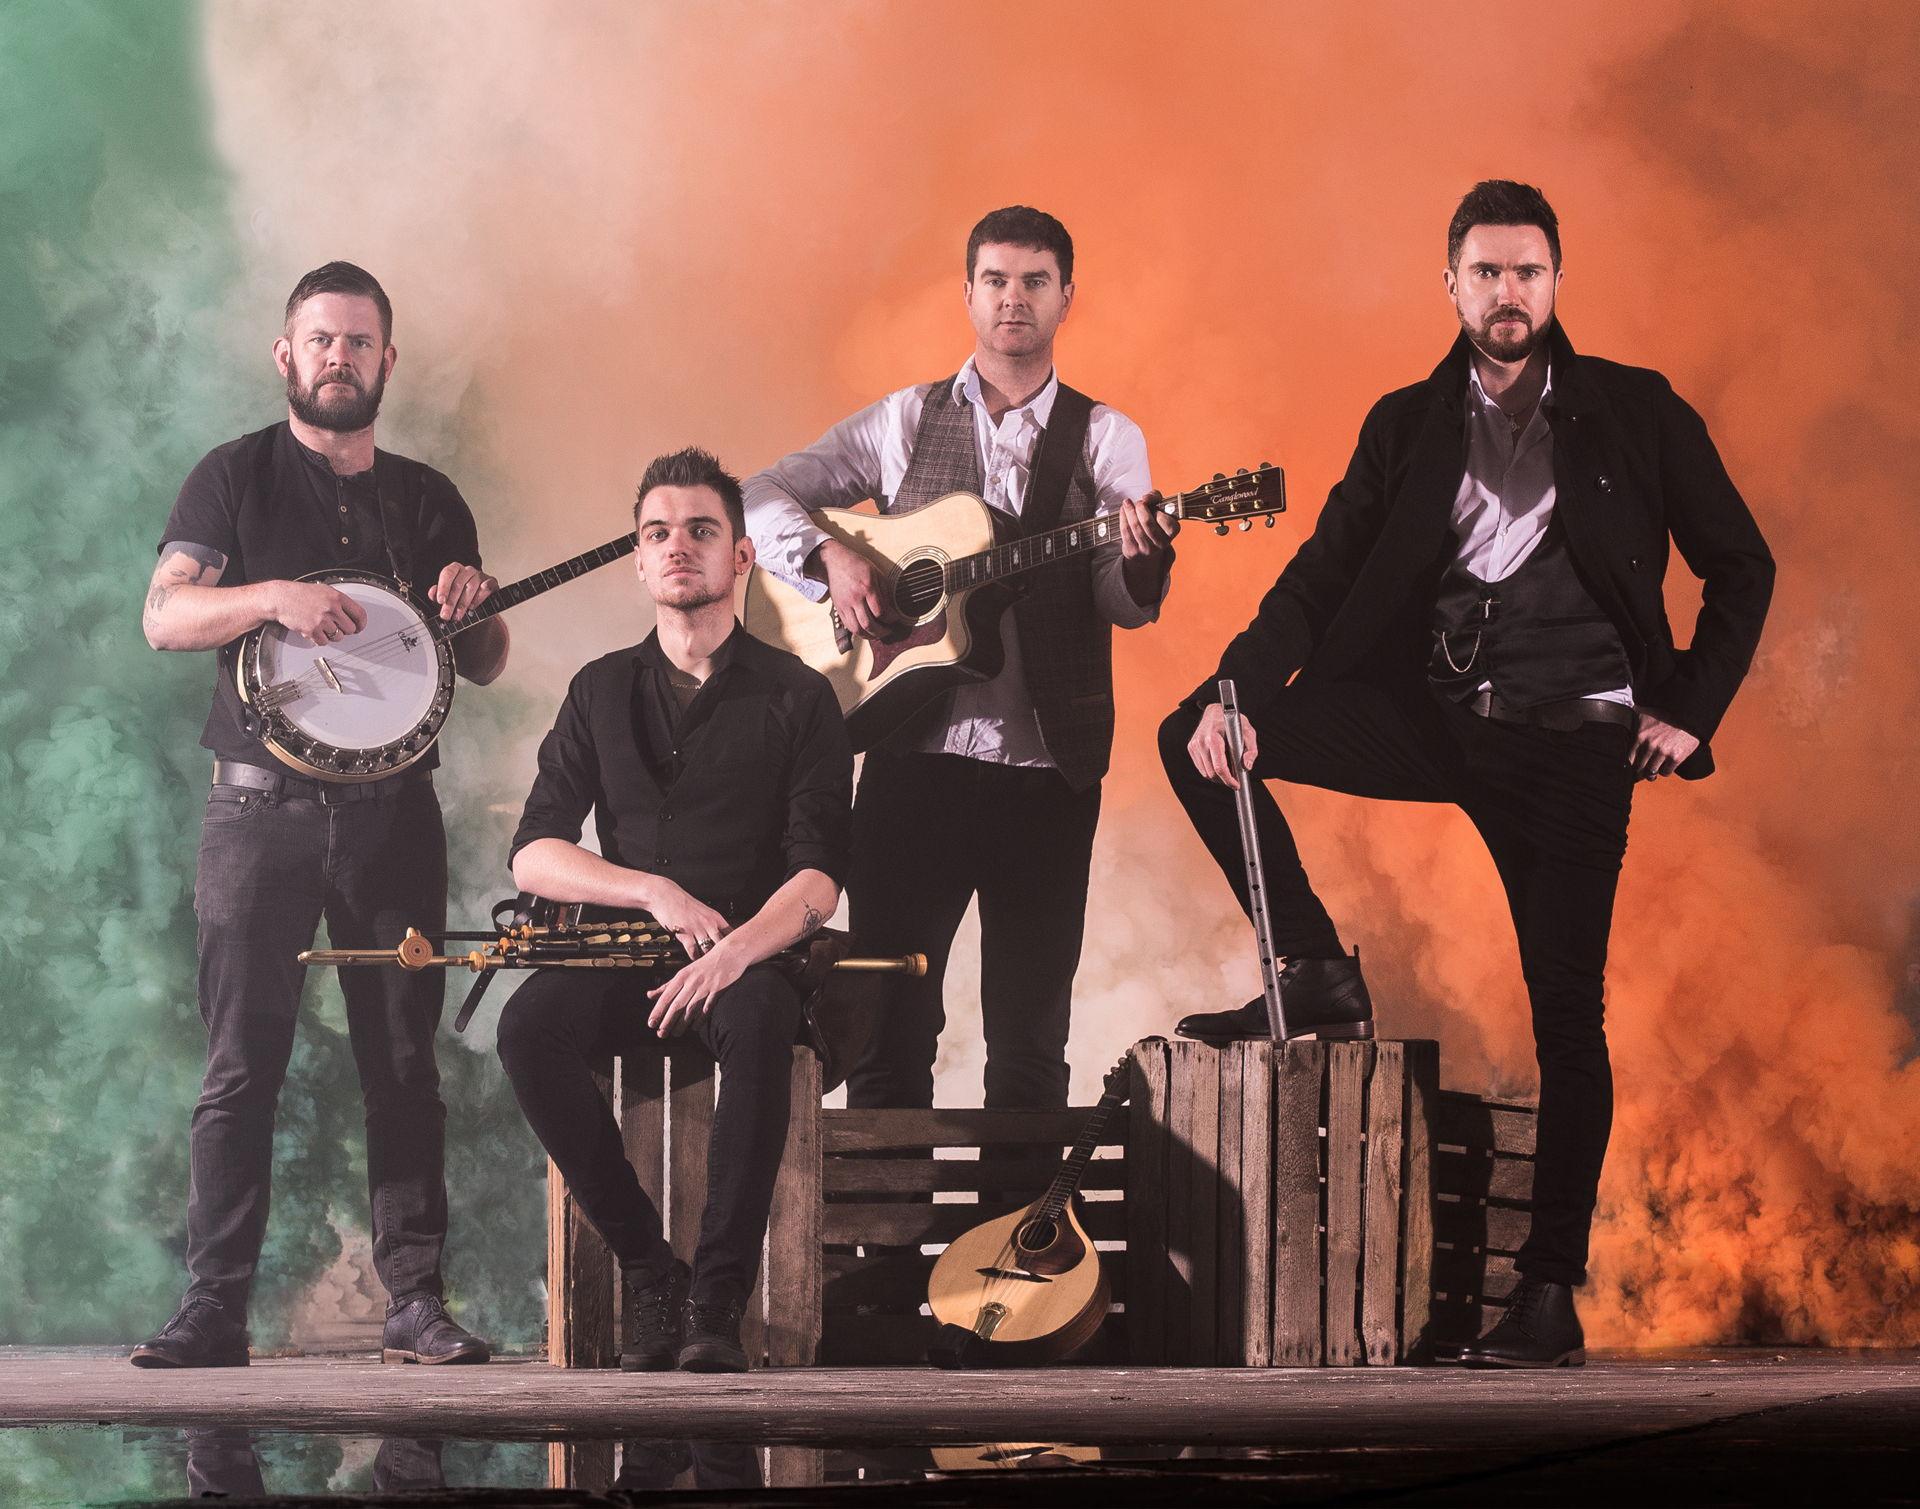 The Kilkenny's spelen regelmatig in Hoogeveen en zijn een graag geziene act op het Irish Folk Festival.